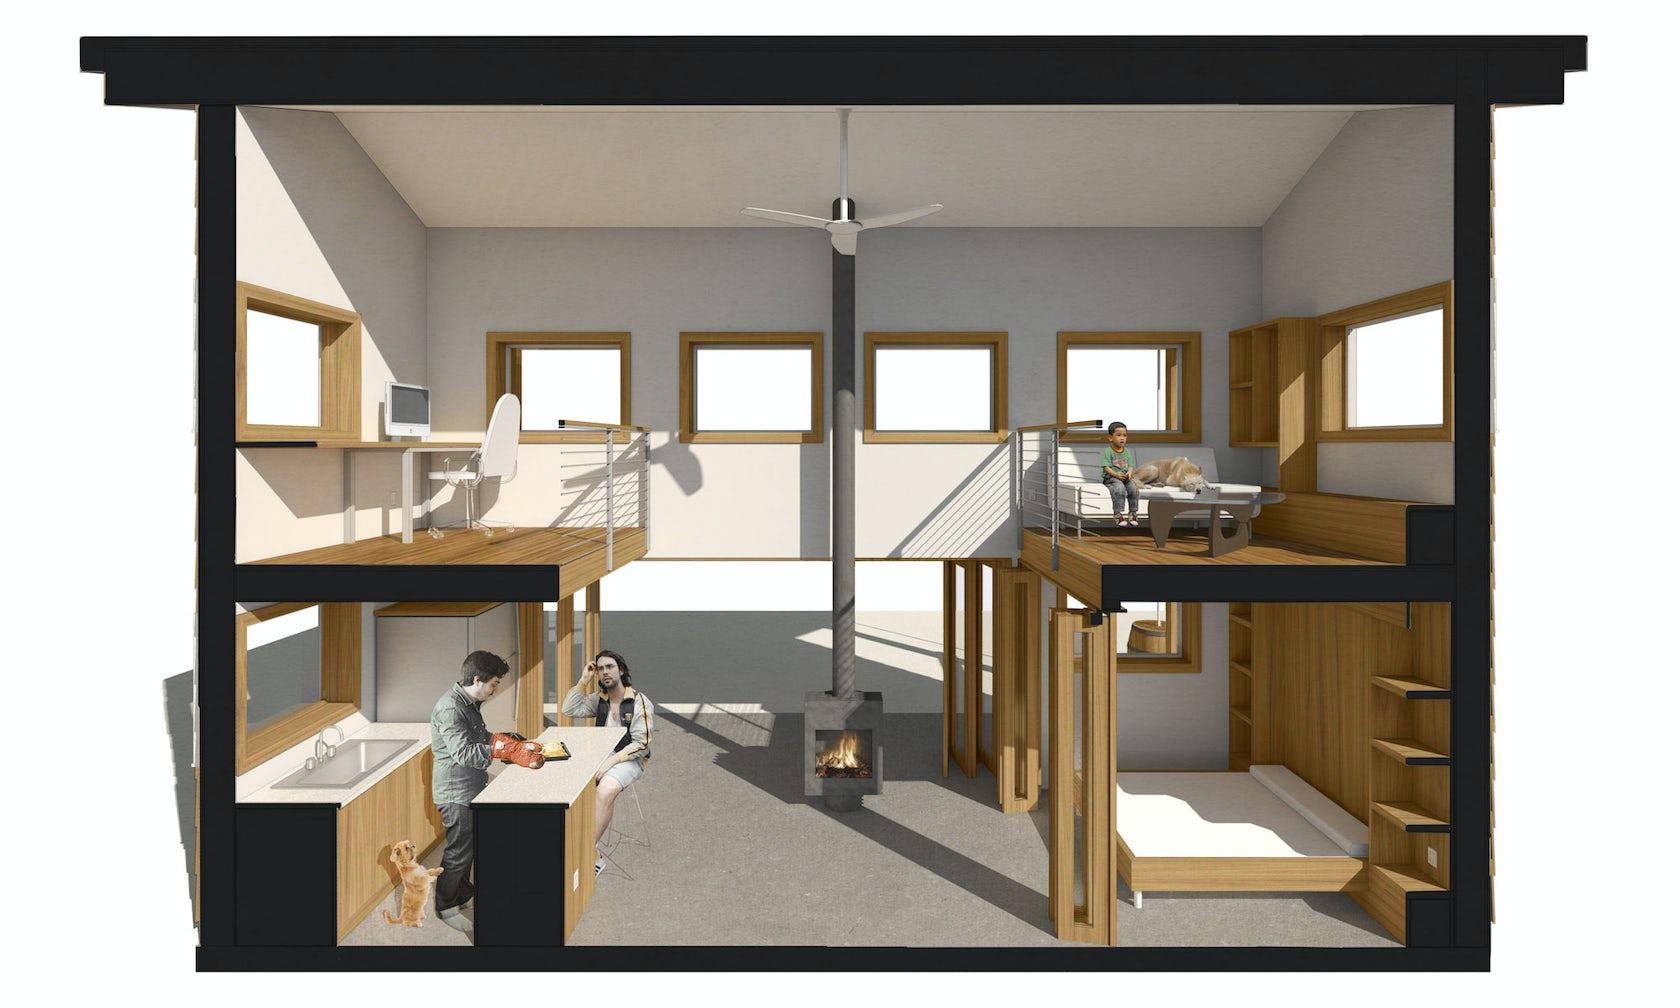 Sustainable portland adu architizer for Adu house plans